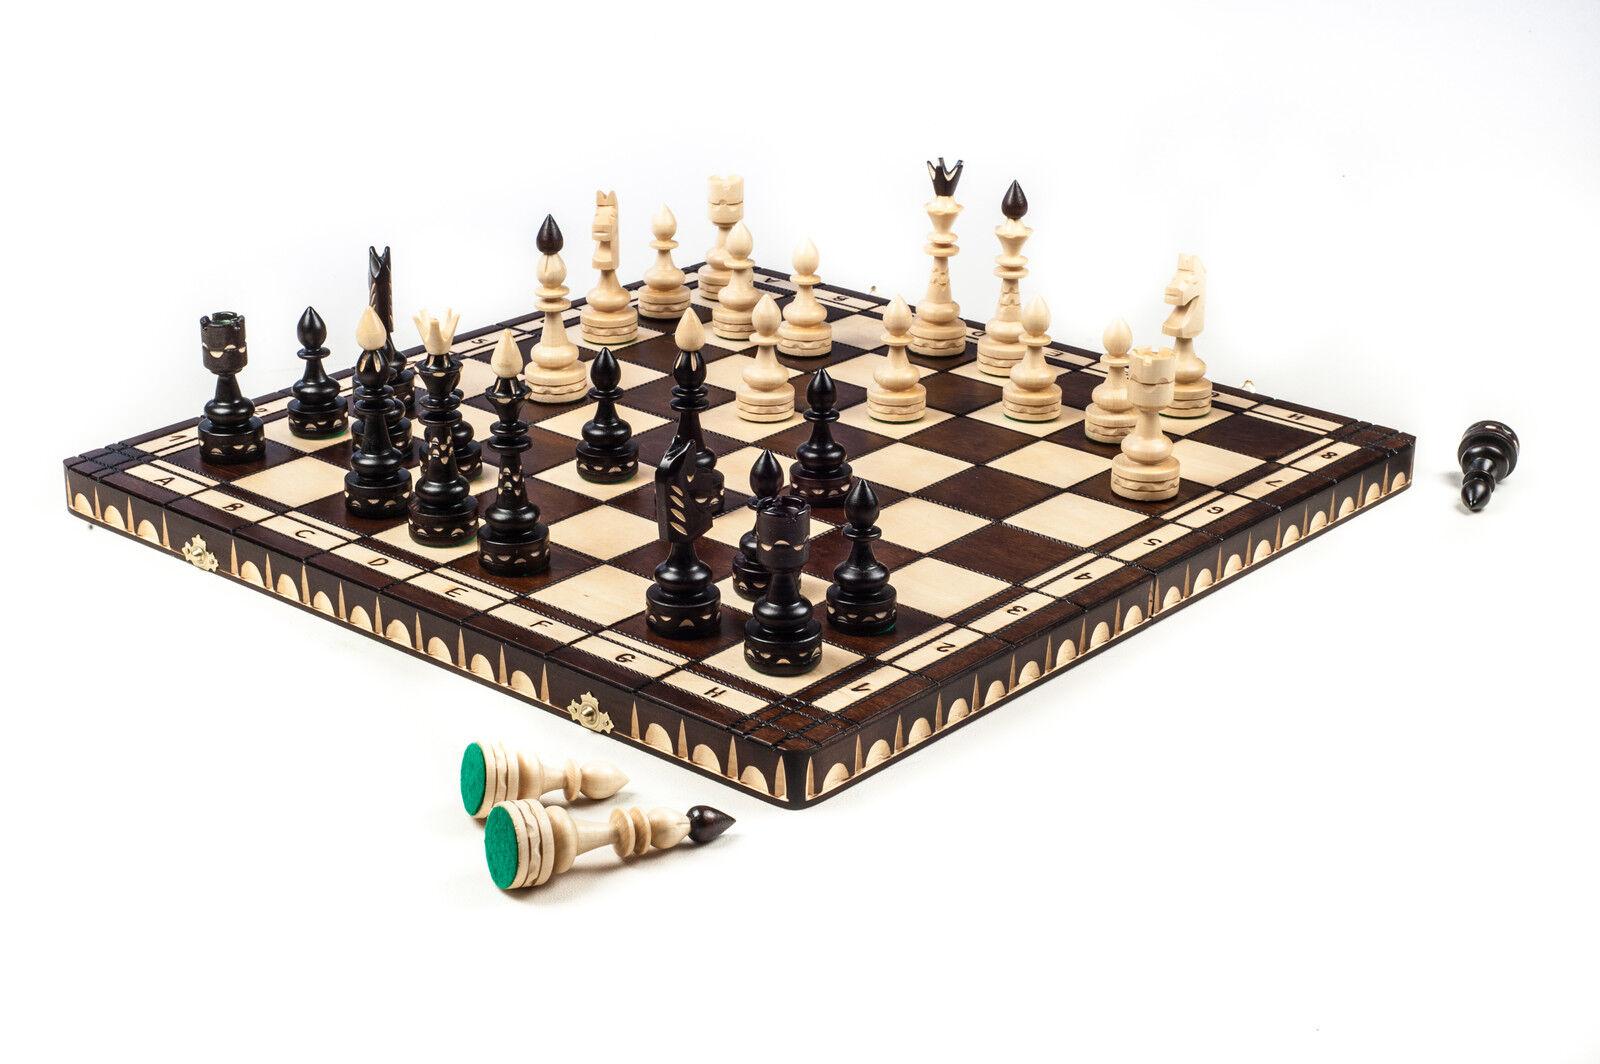 Nouvelle marque marque marque de luxe ♜ main indien sculpté jeu d'échecs en bois 53 cm x 53 cm ♞ 0319a1